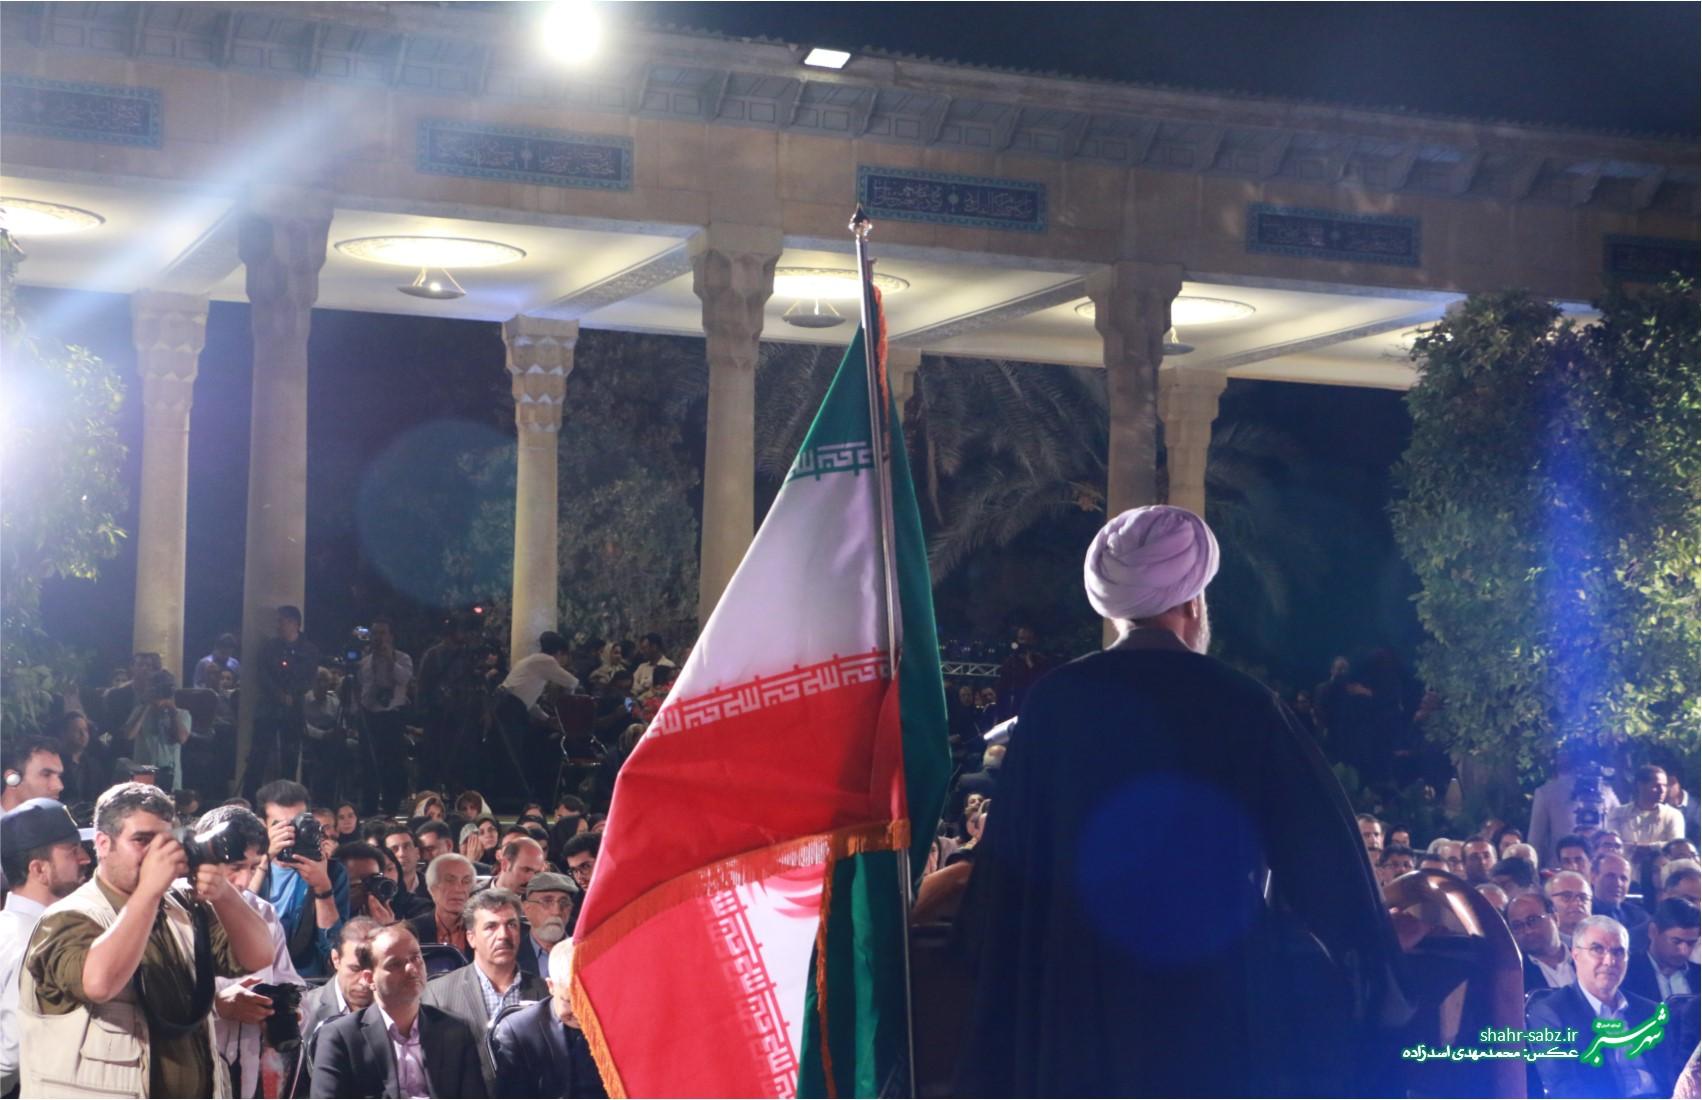 19-07-1397 آیین بزرگداشت یادروز حافظ در حافظیه شیراز - عکس از محمدمهدی اسدزاده